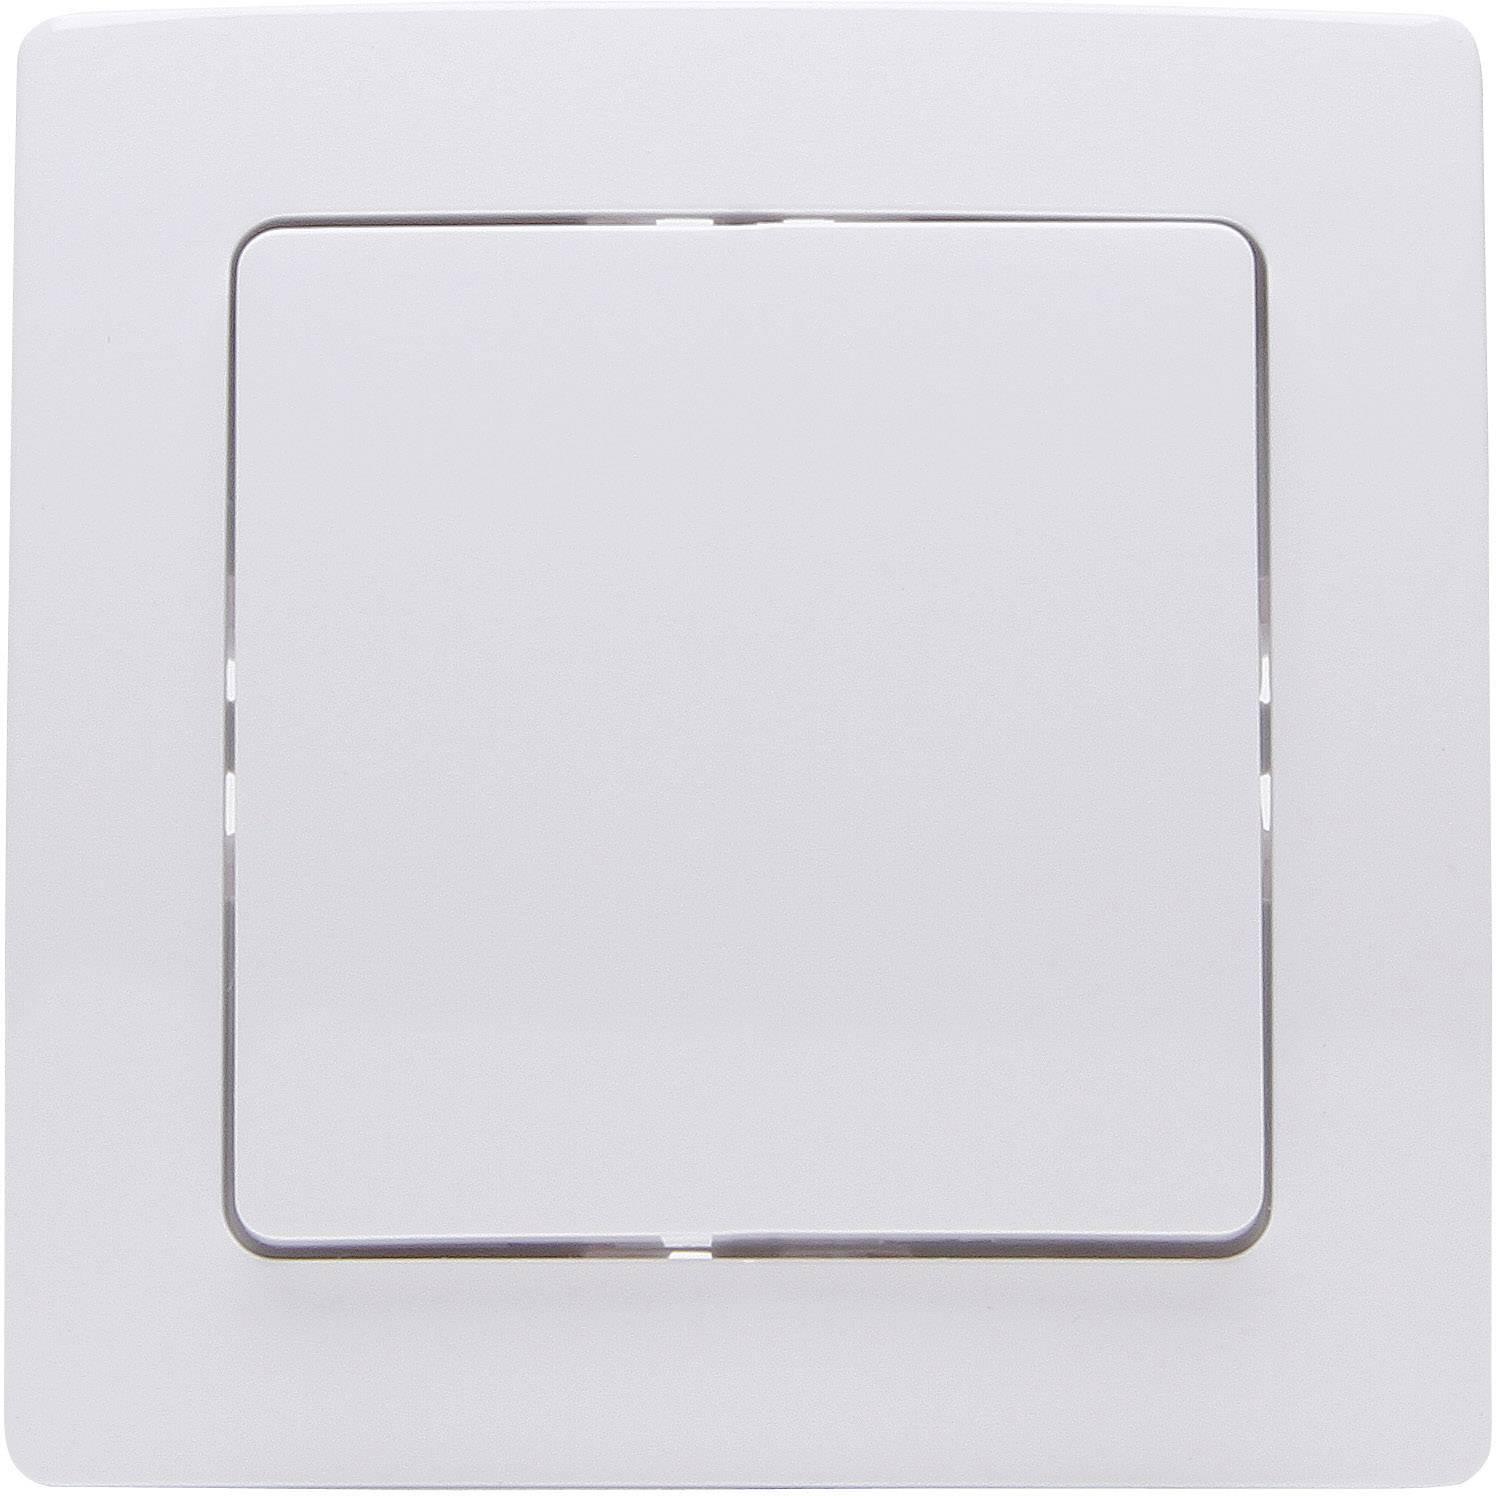 Bezdrôtový nástenný spínač Free Control FC HK 05 1/2 822002026, 2-kanálový, arktická biela